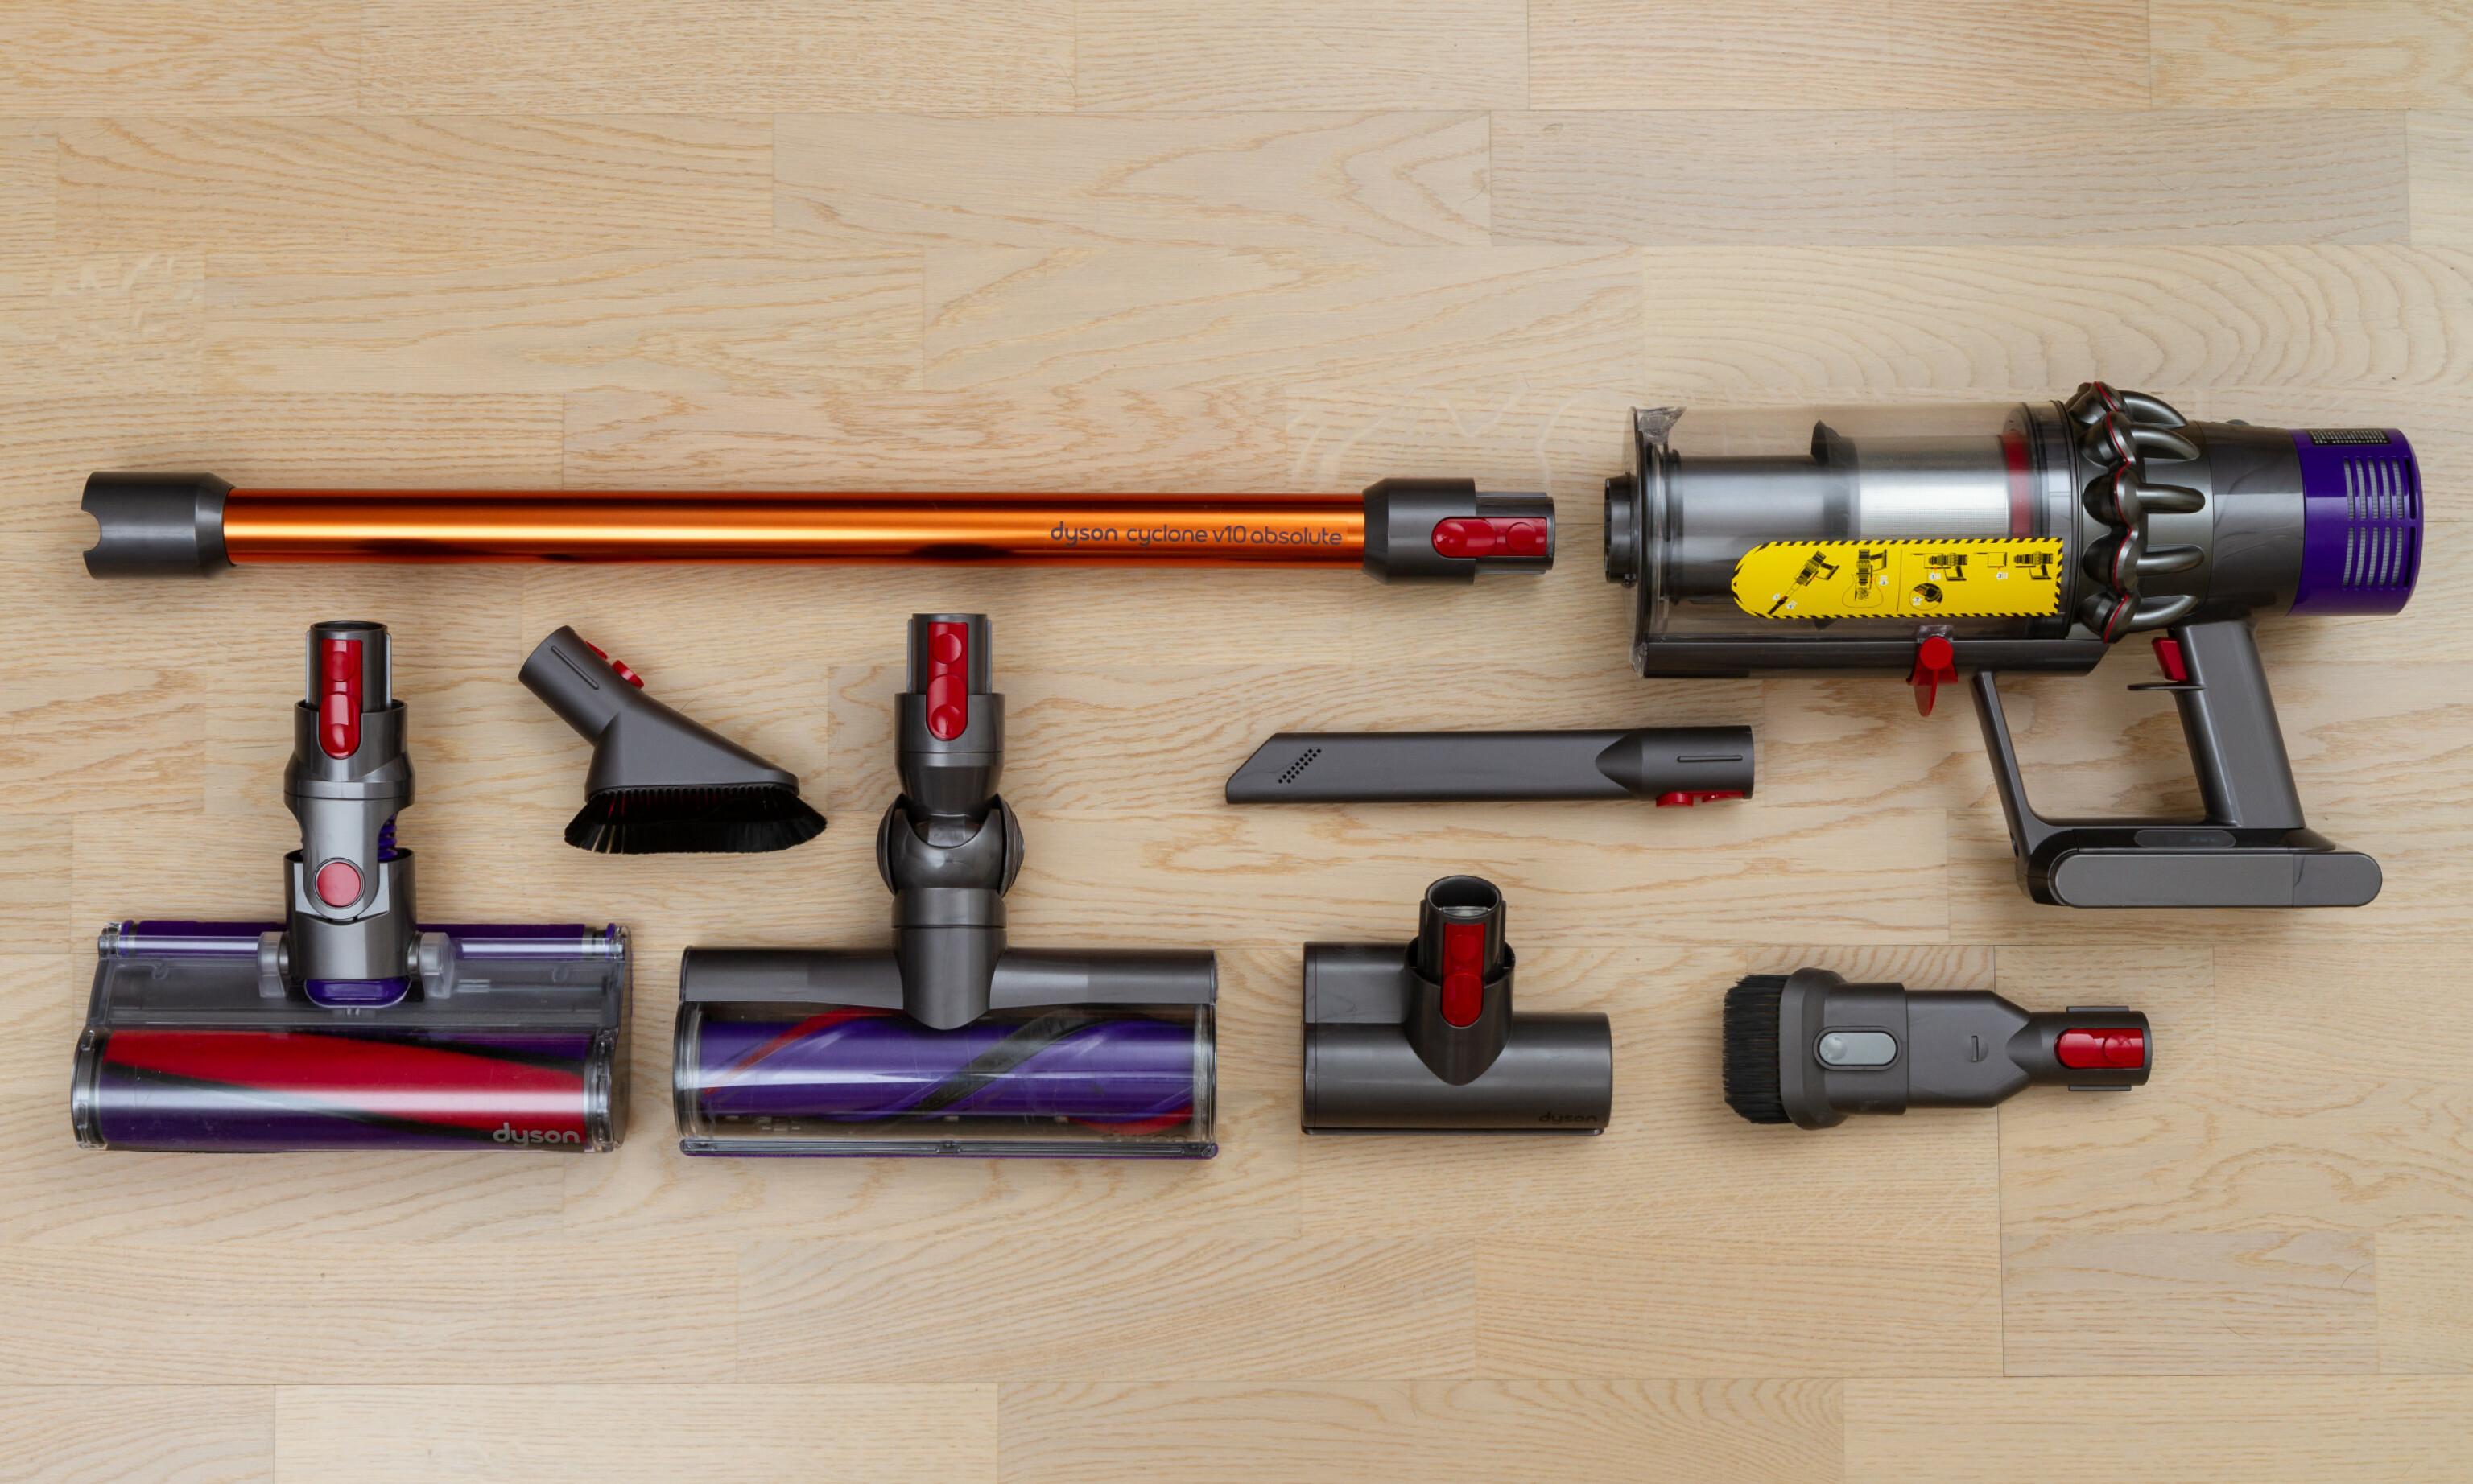 FULL PAKKE: Absolute-pakka til Dyson byr på hele seks forskjellige munnstykker. Foto: Tron Høgvold